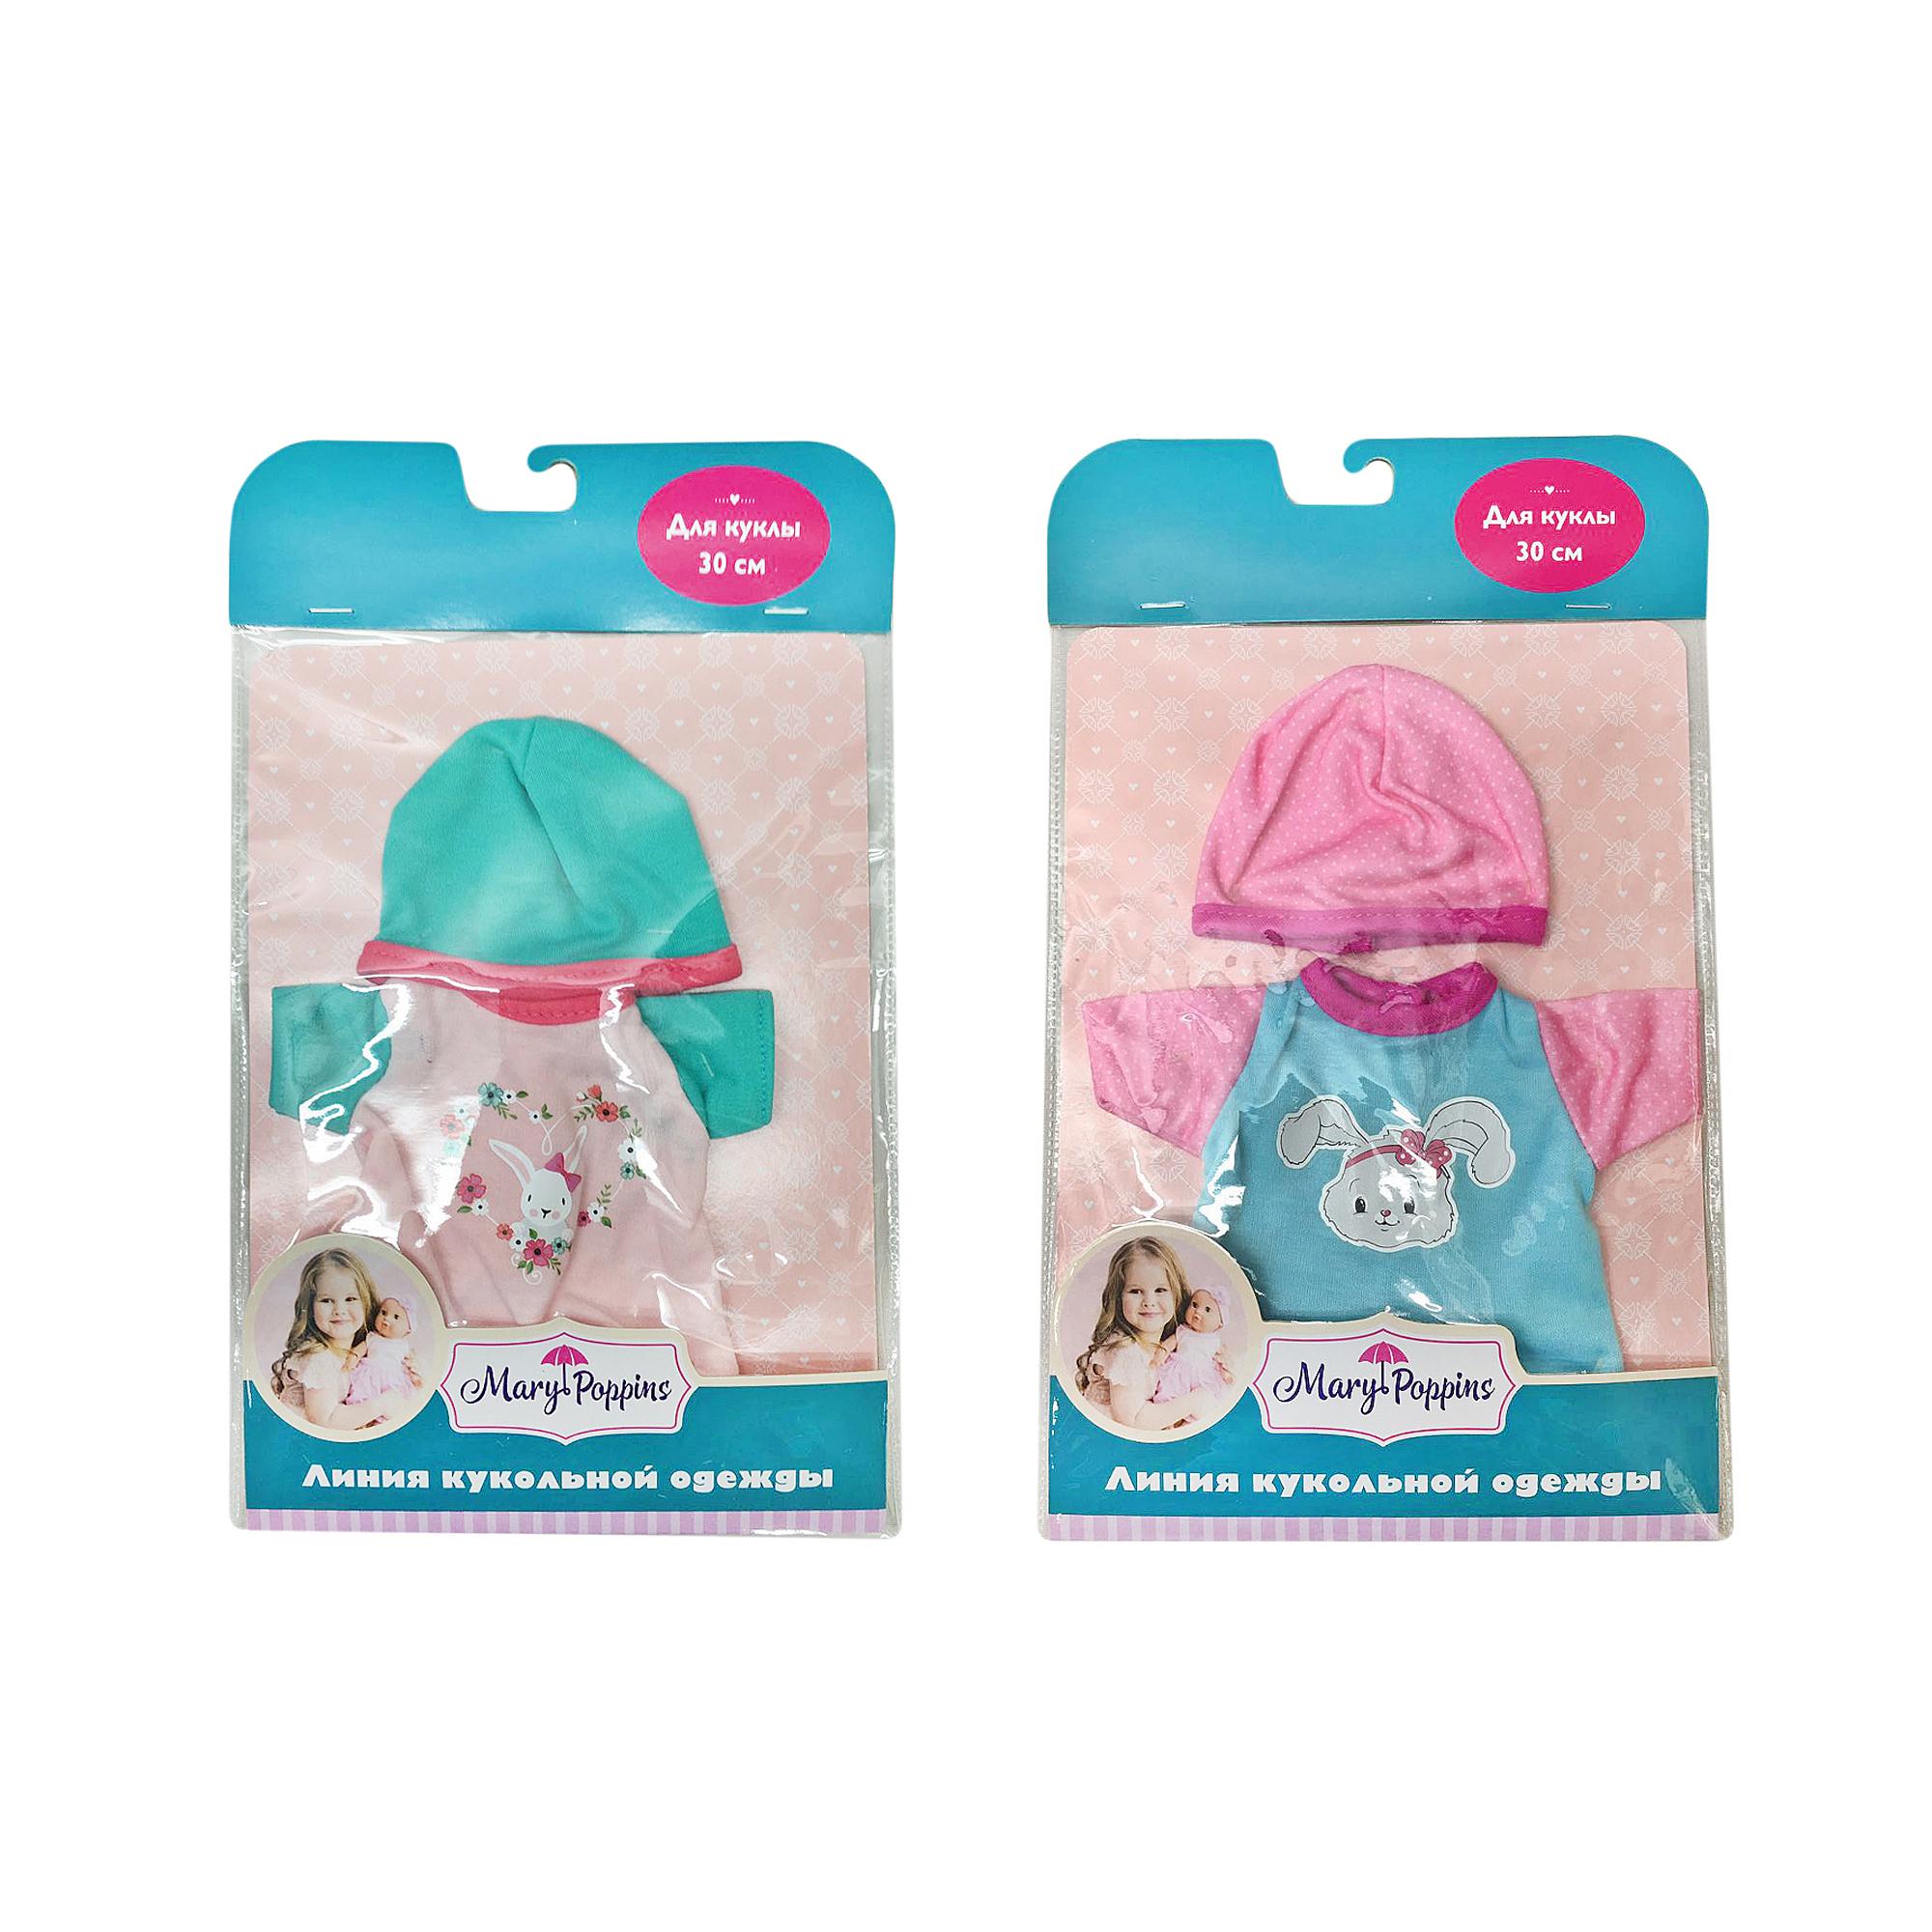 Одежда для кукол Mary Poppins боди с шапочкой боди и песочники soni kids боди водолазка для мальчика polo club